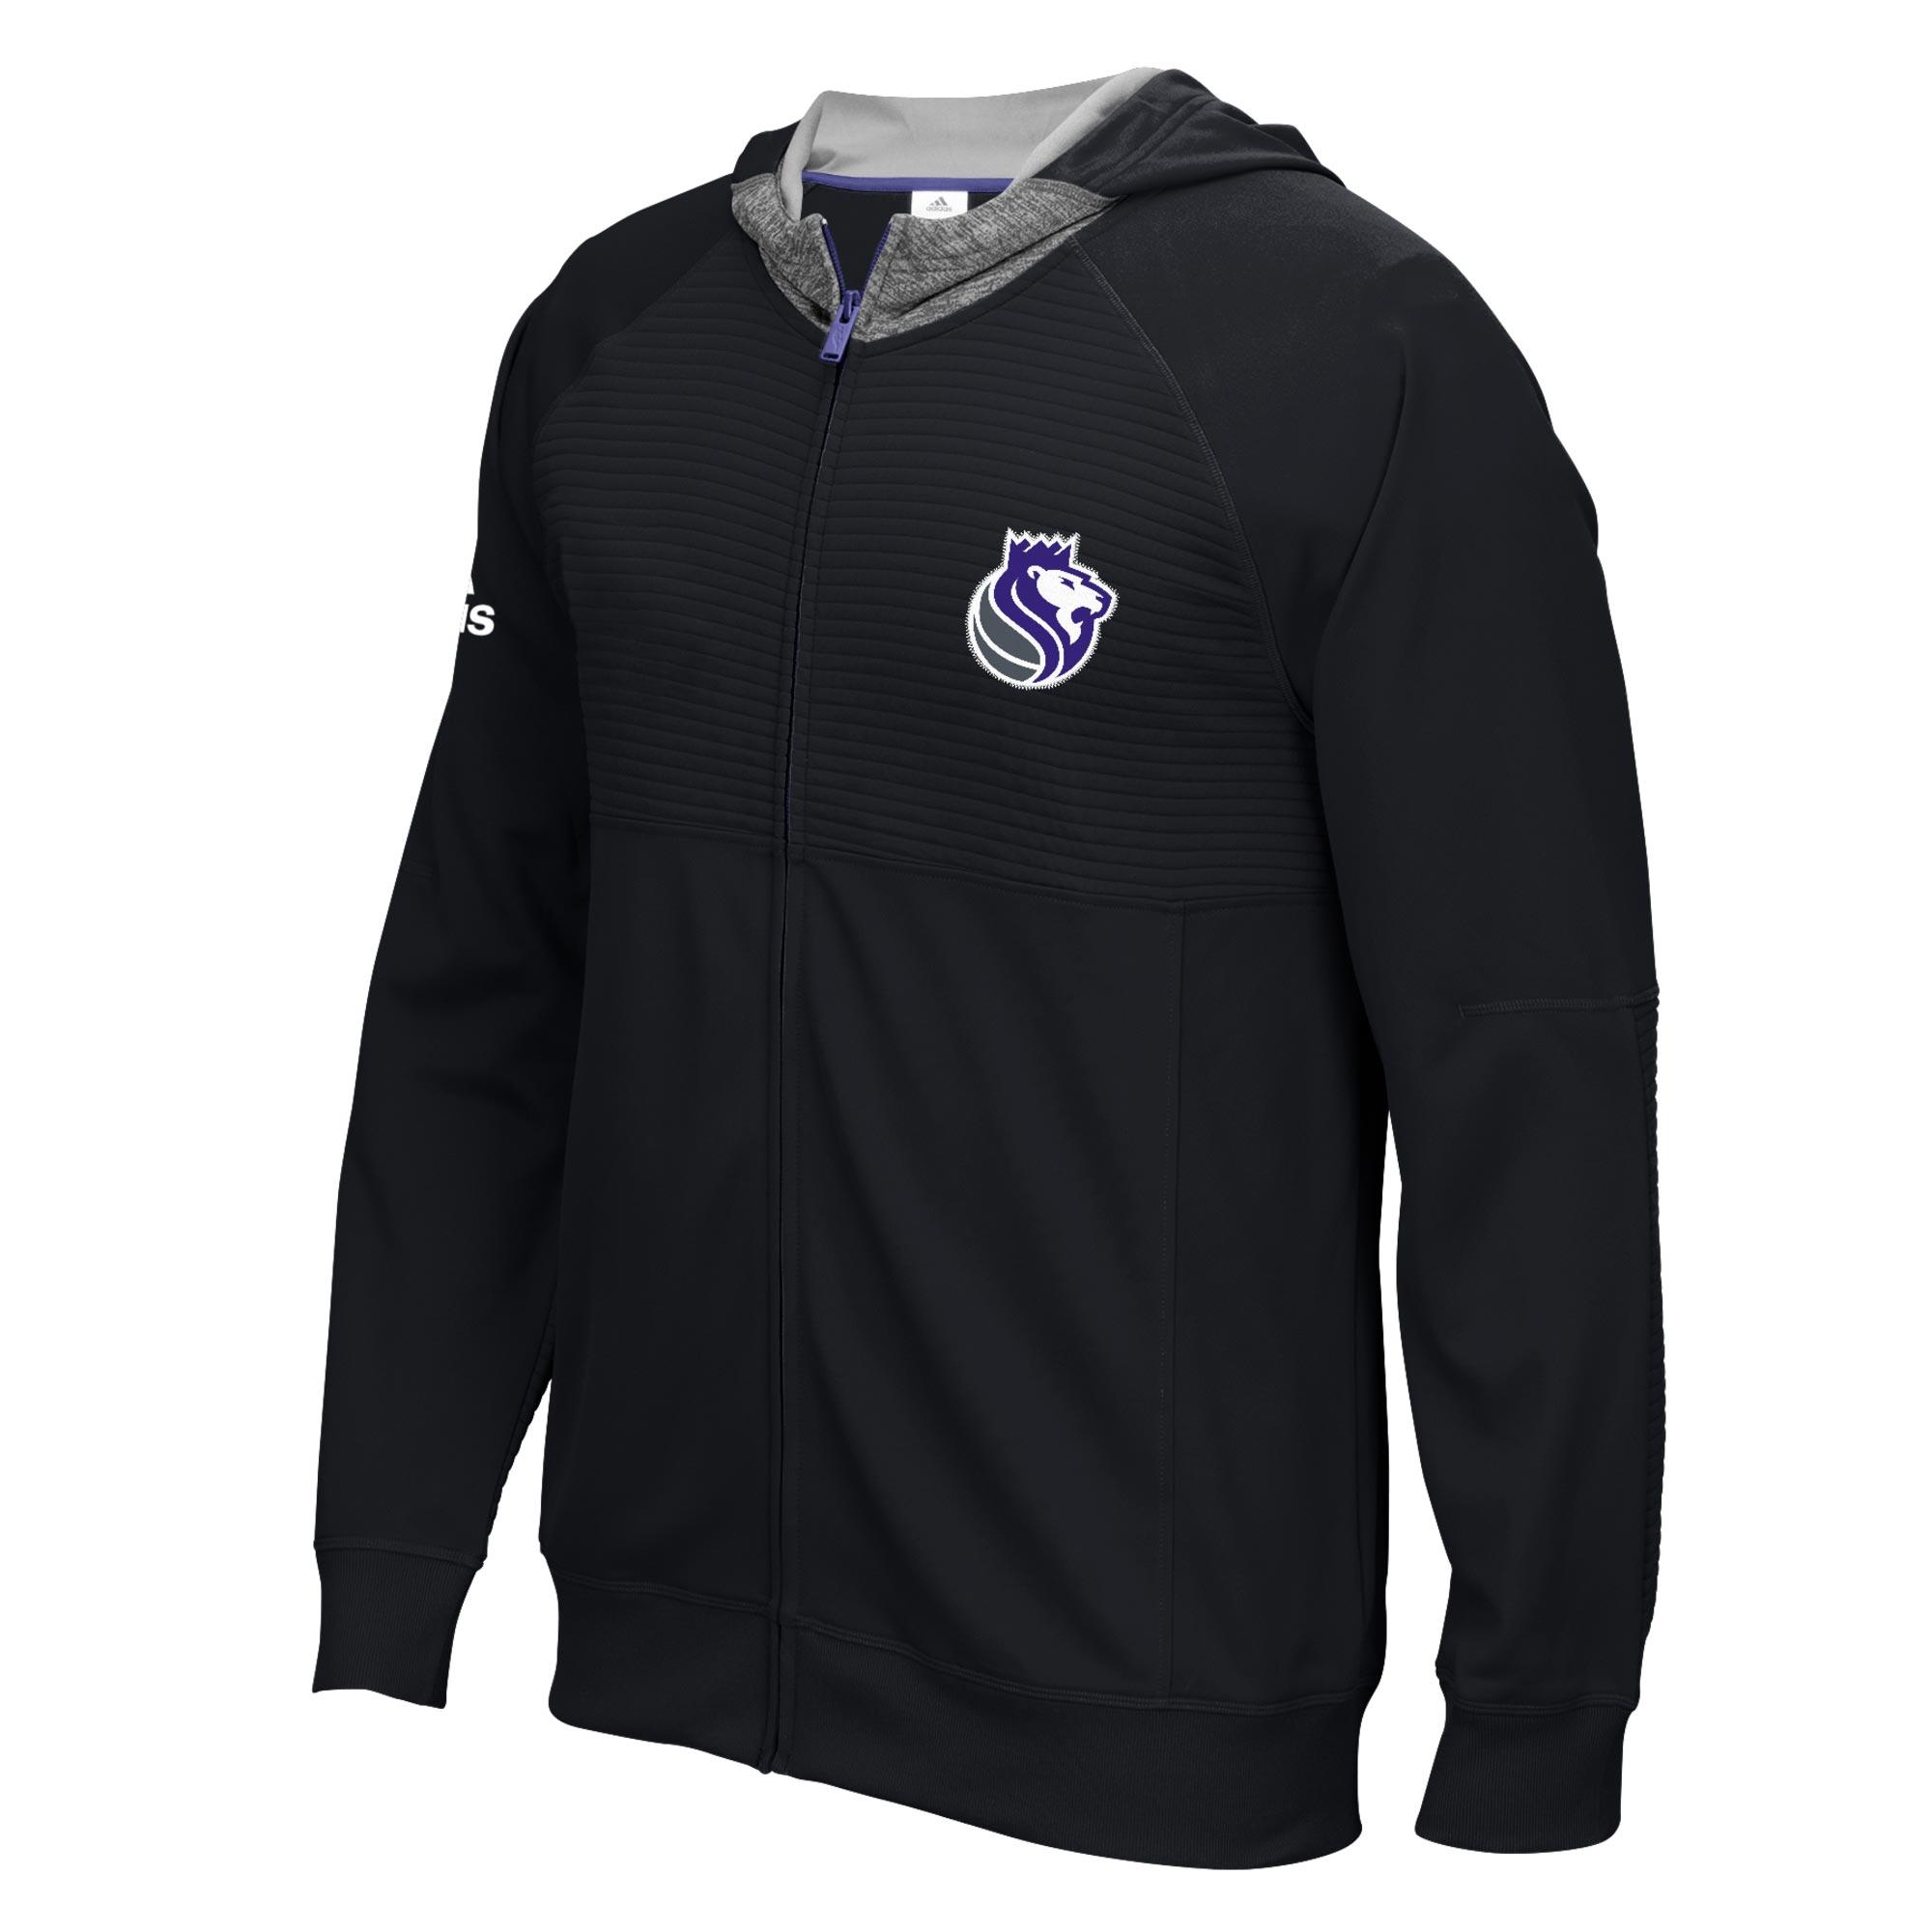 Sacramento Kings Pre-Game Hooded Jacket 2016-17